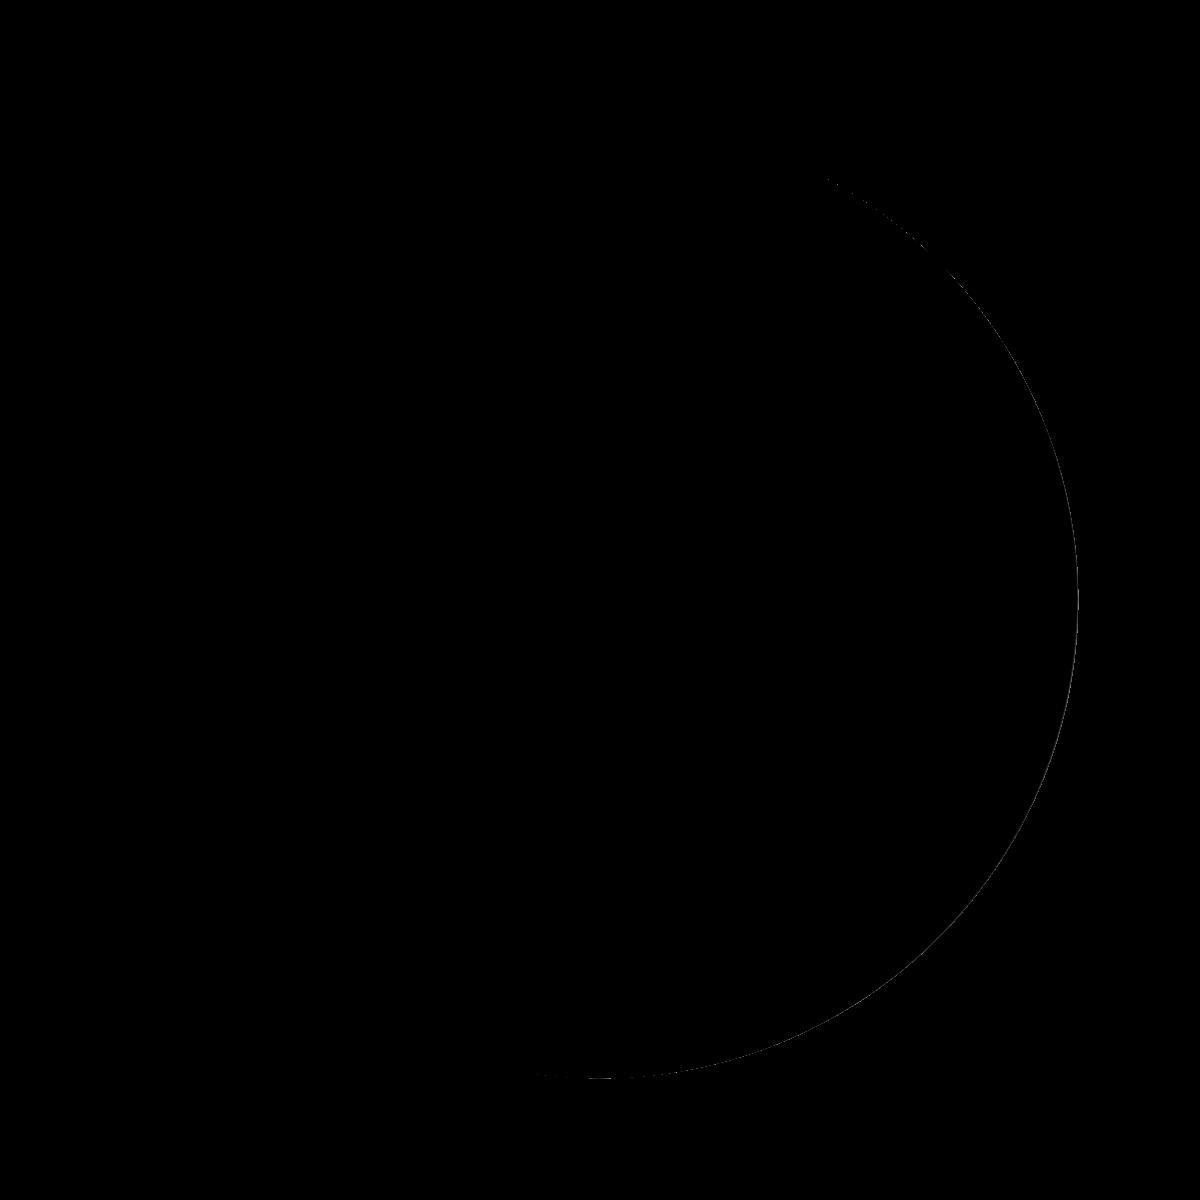 Lune du 27 novembre 2019